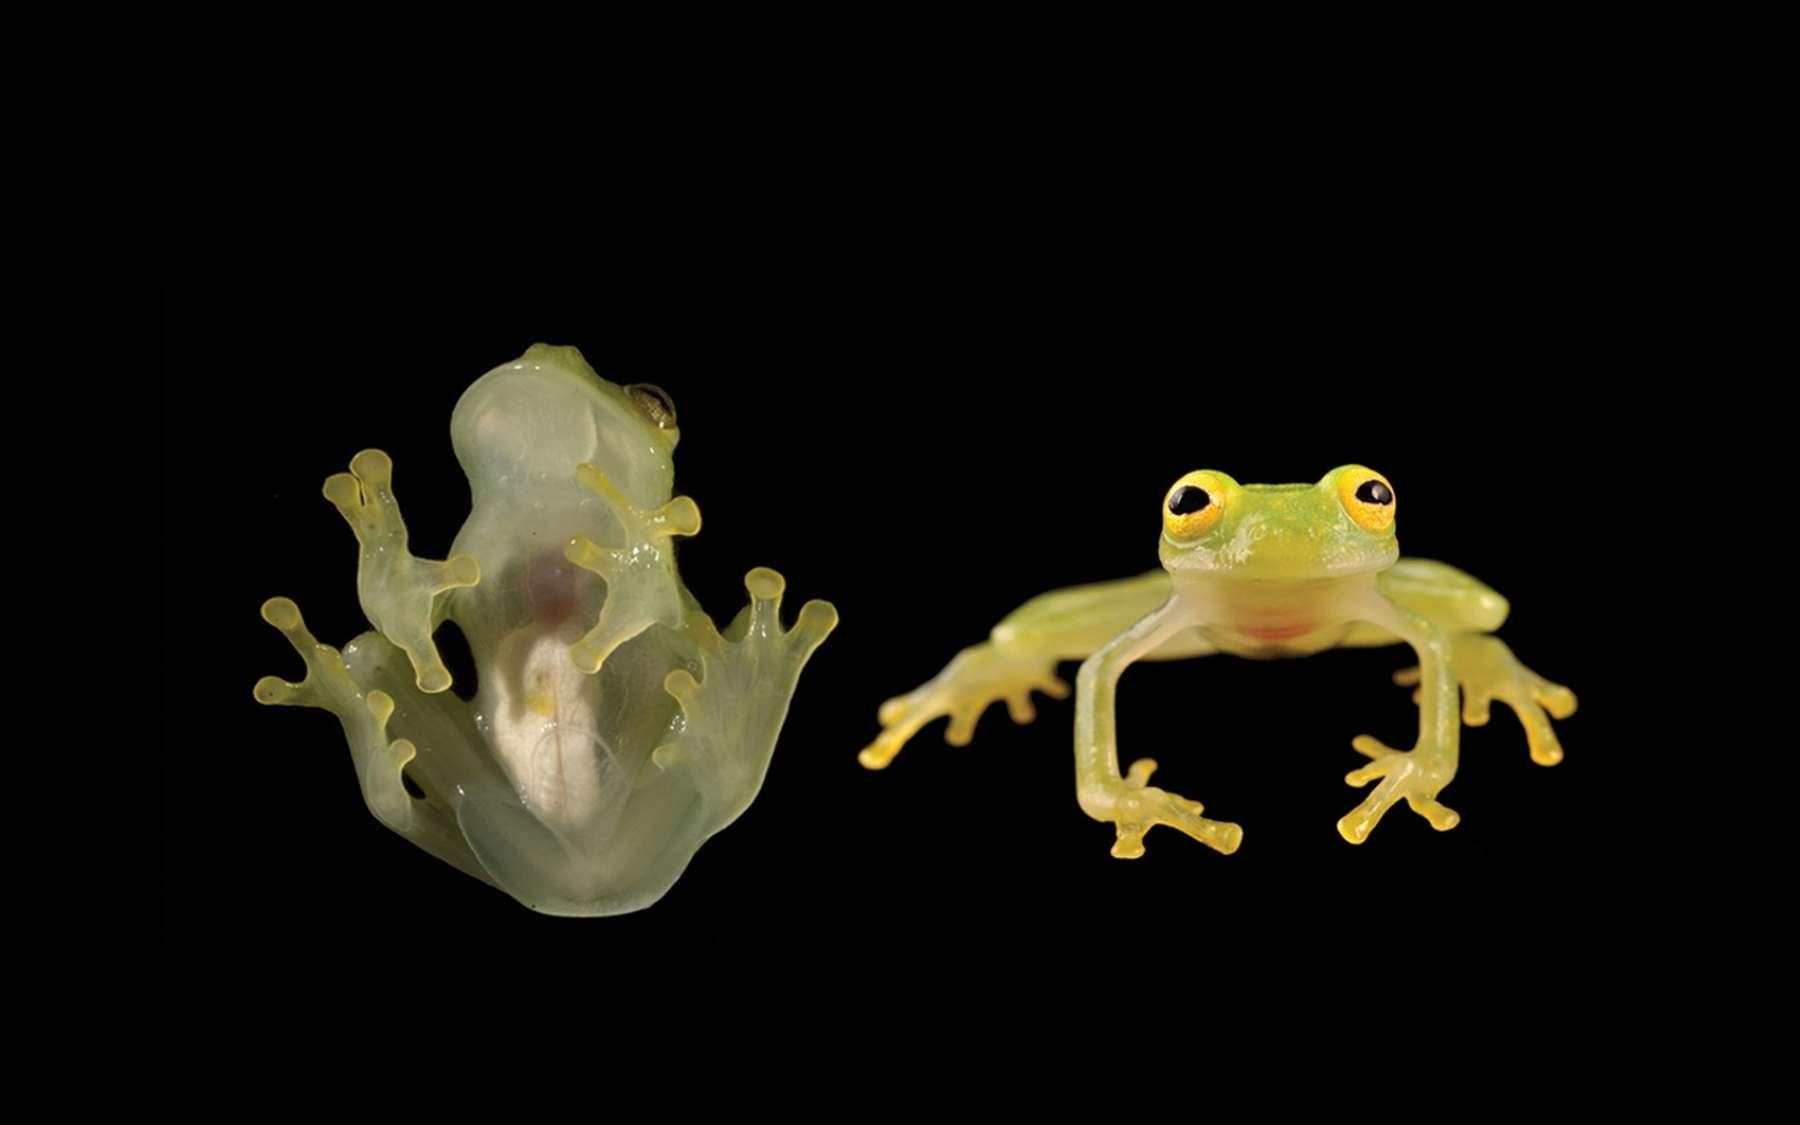 La grenouille Hyalinobatrachium yaku est si translucide qu'on peut voir ses organes. © L. A. Coloma, Zookeys